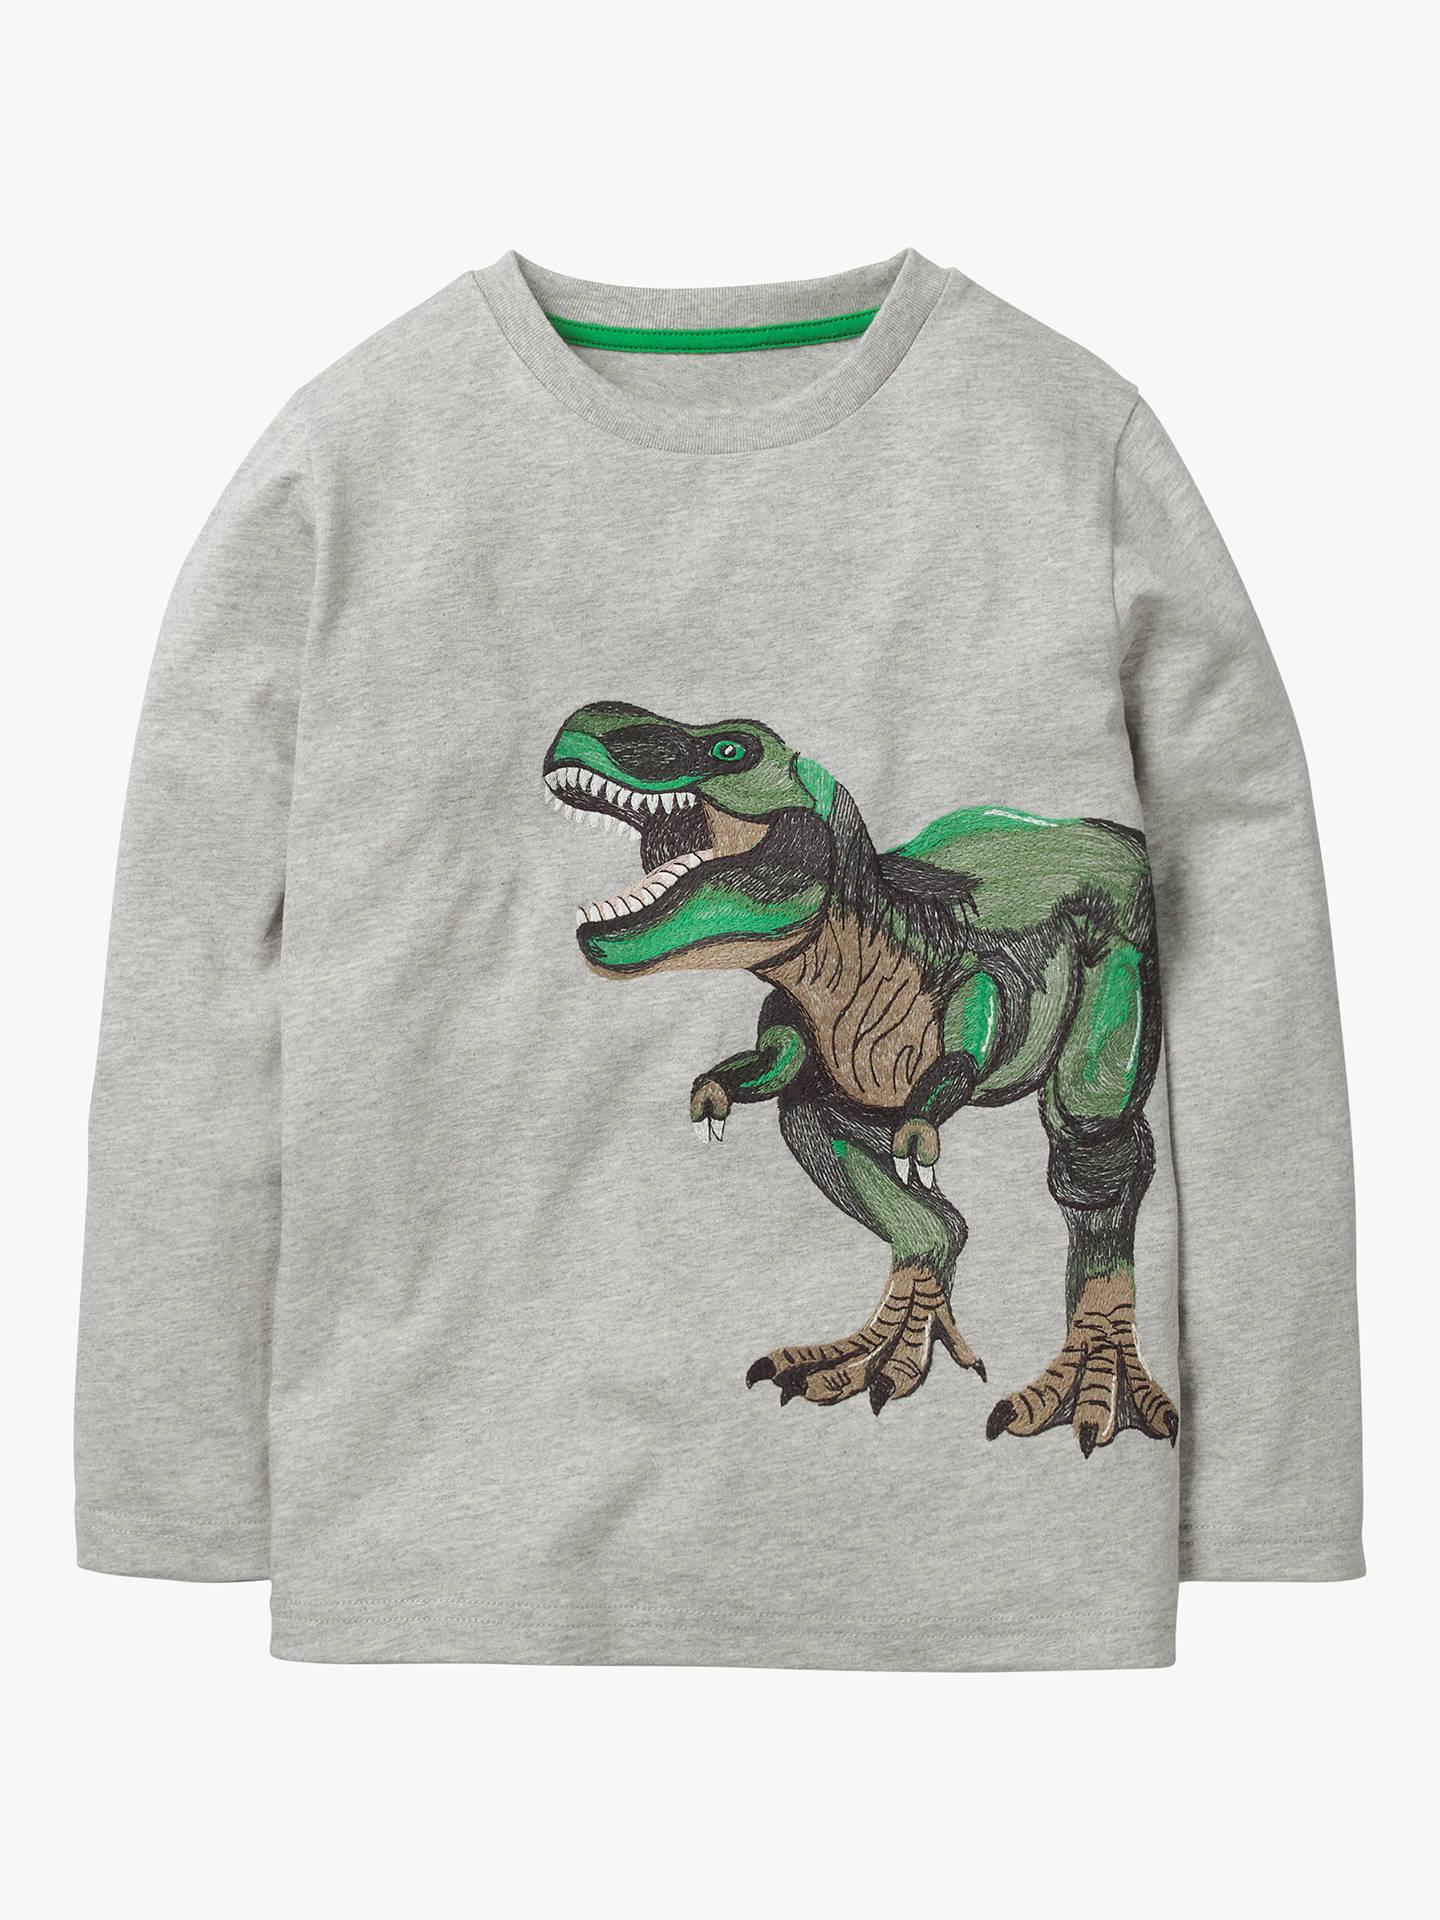 6a4c608188f4 Buy Mini Boden Boys' Superstitch Dinosaur T-Shirt, Grey Marl, 6- ...